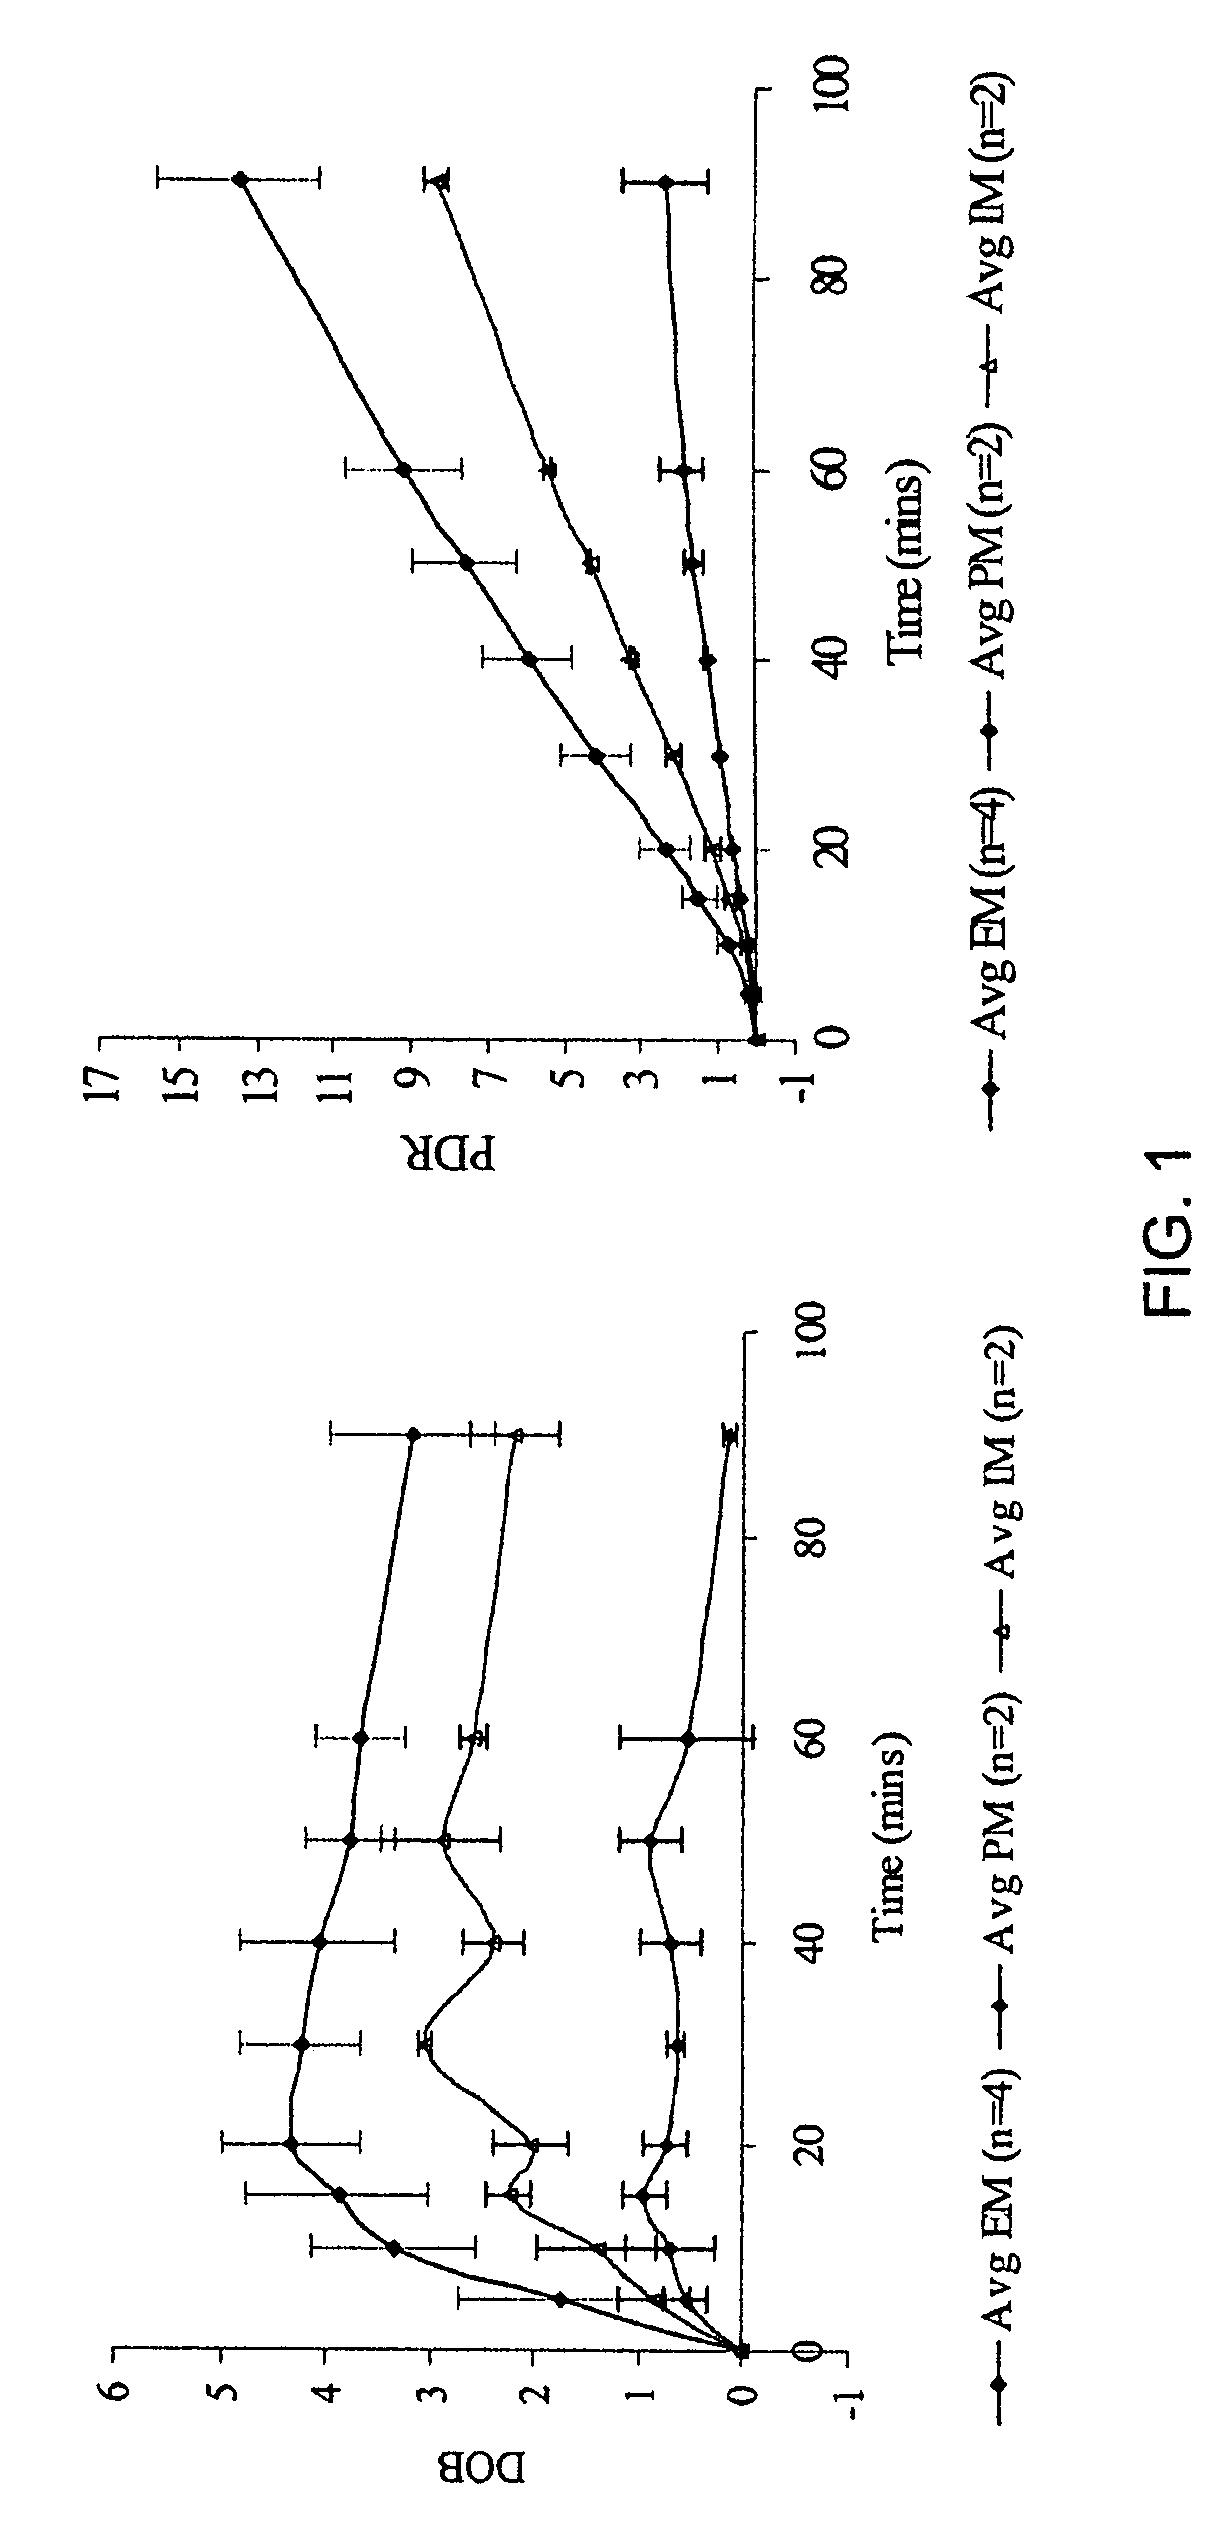 clomid vs nolvadex gyno